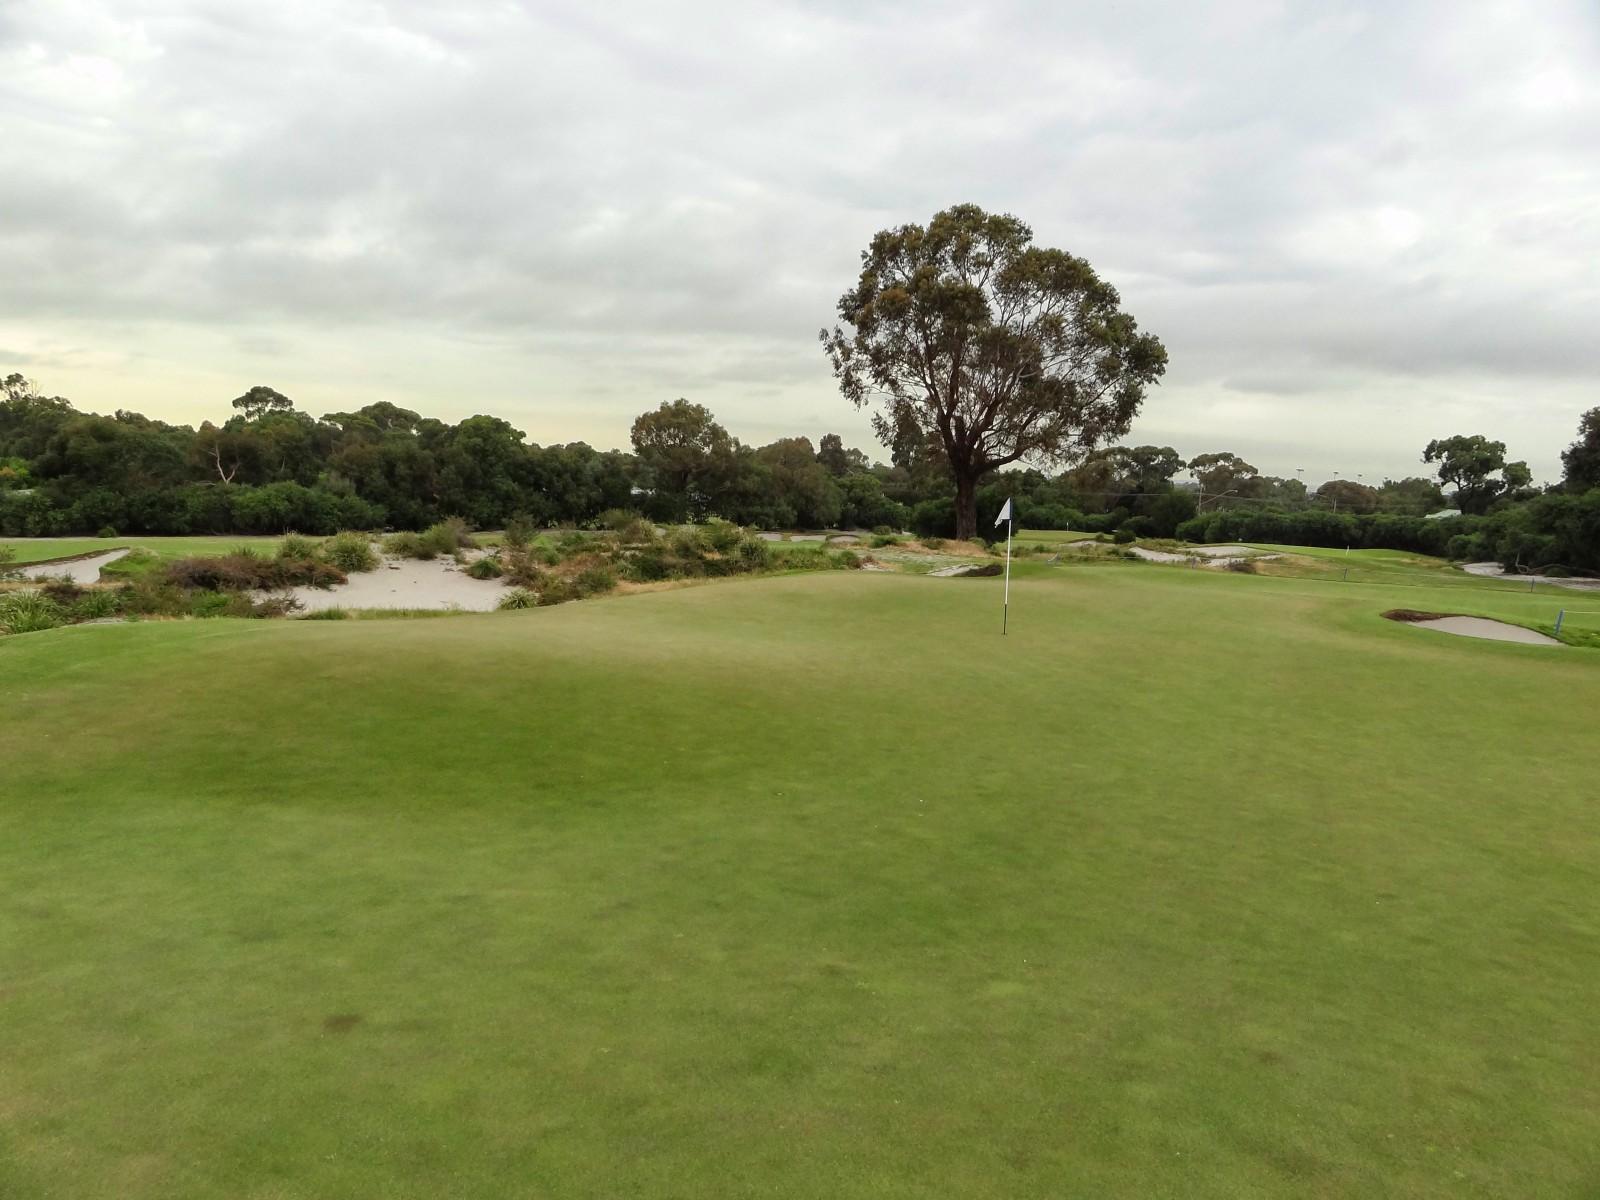 Das Grün der weltberühmten 15 von Kingston Heath